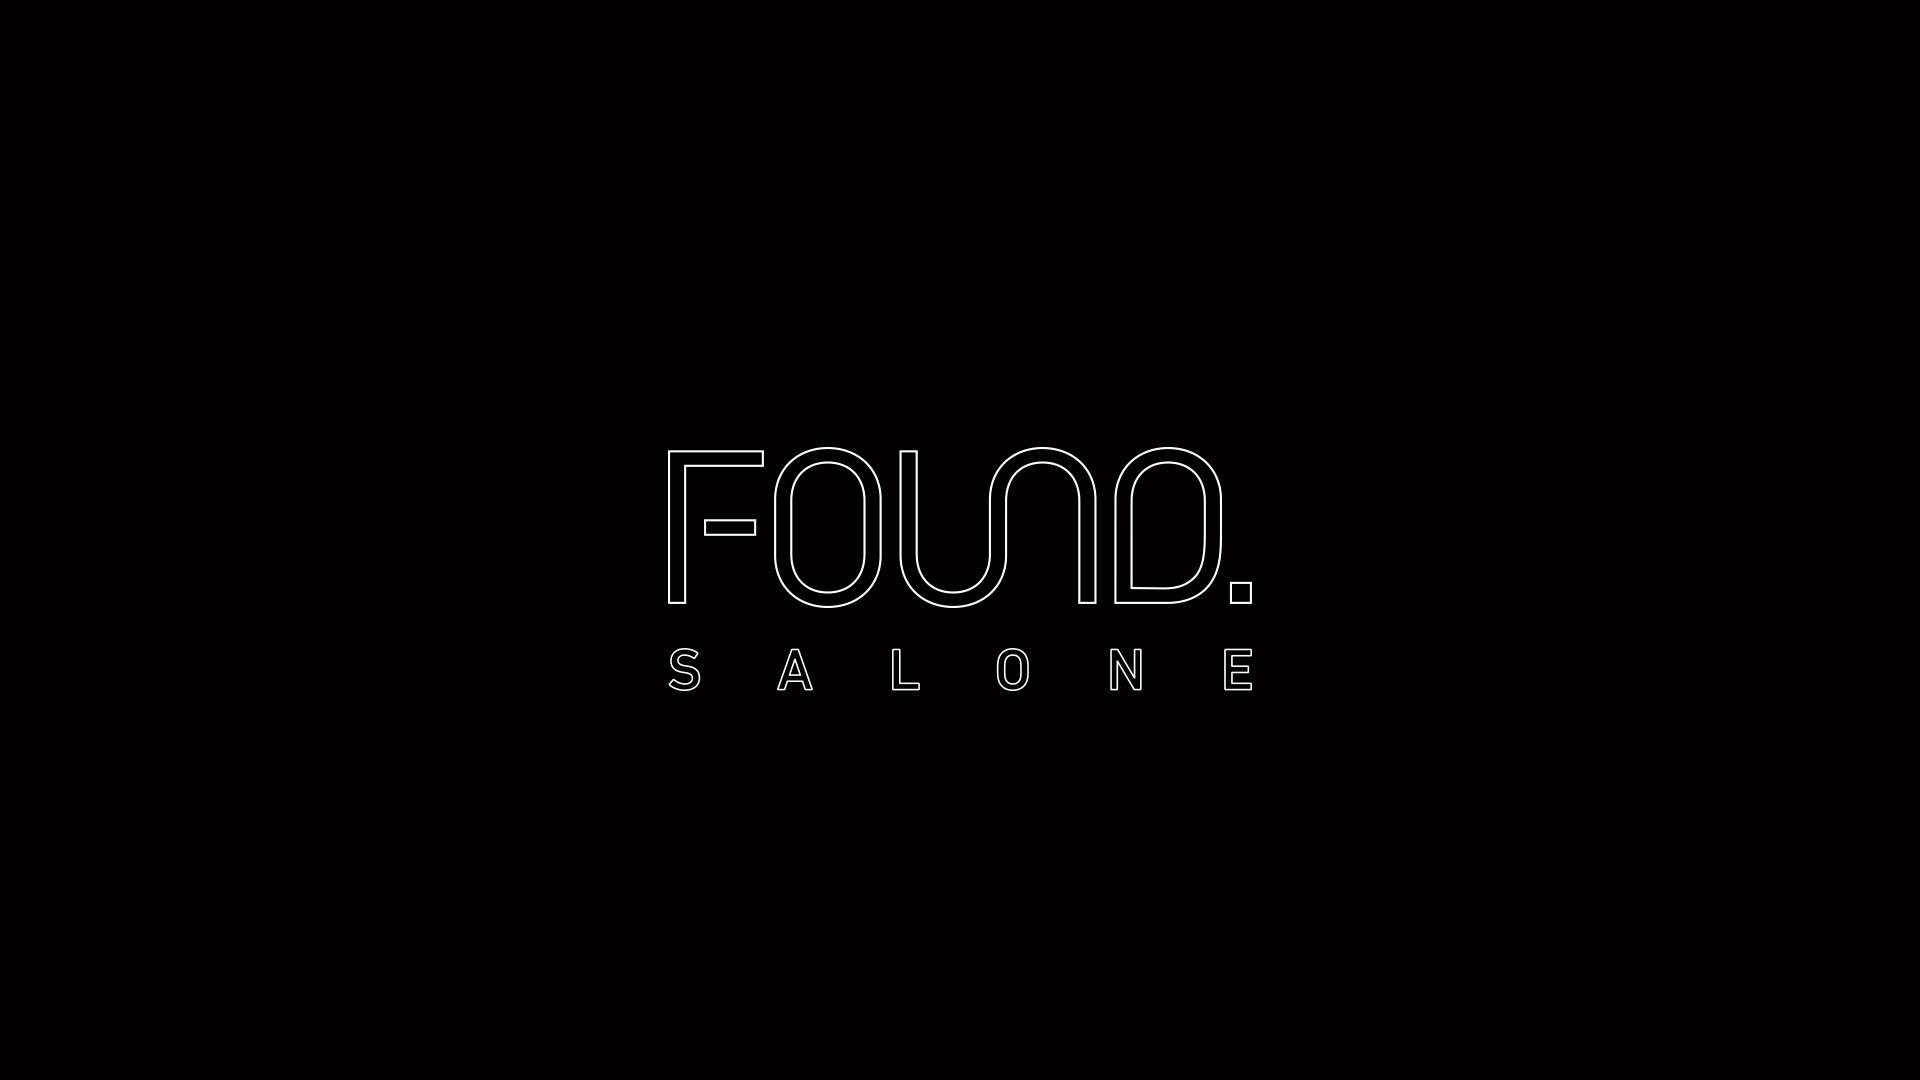 FOUND SALONE.jpg